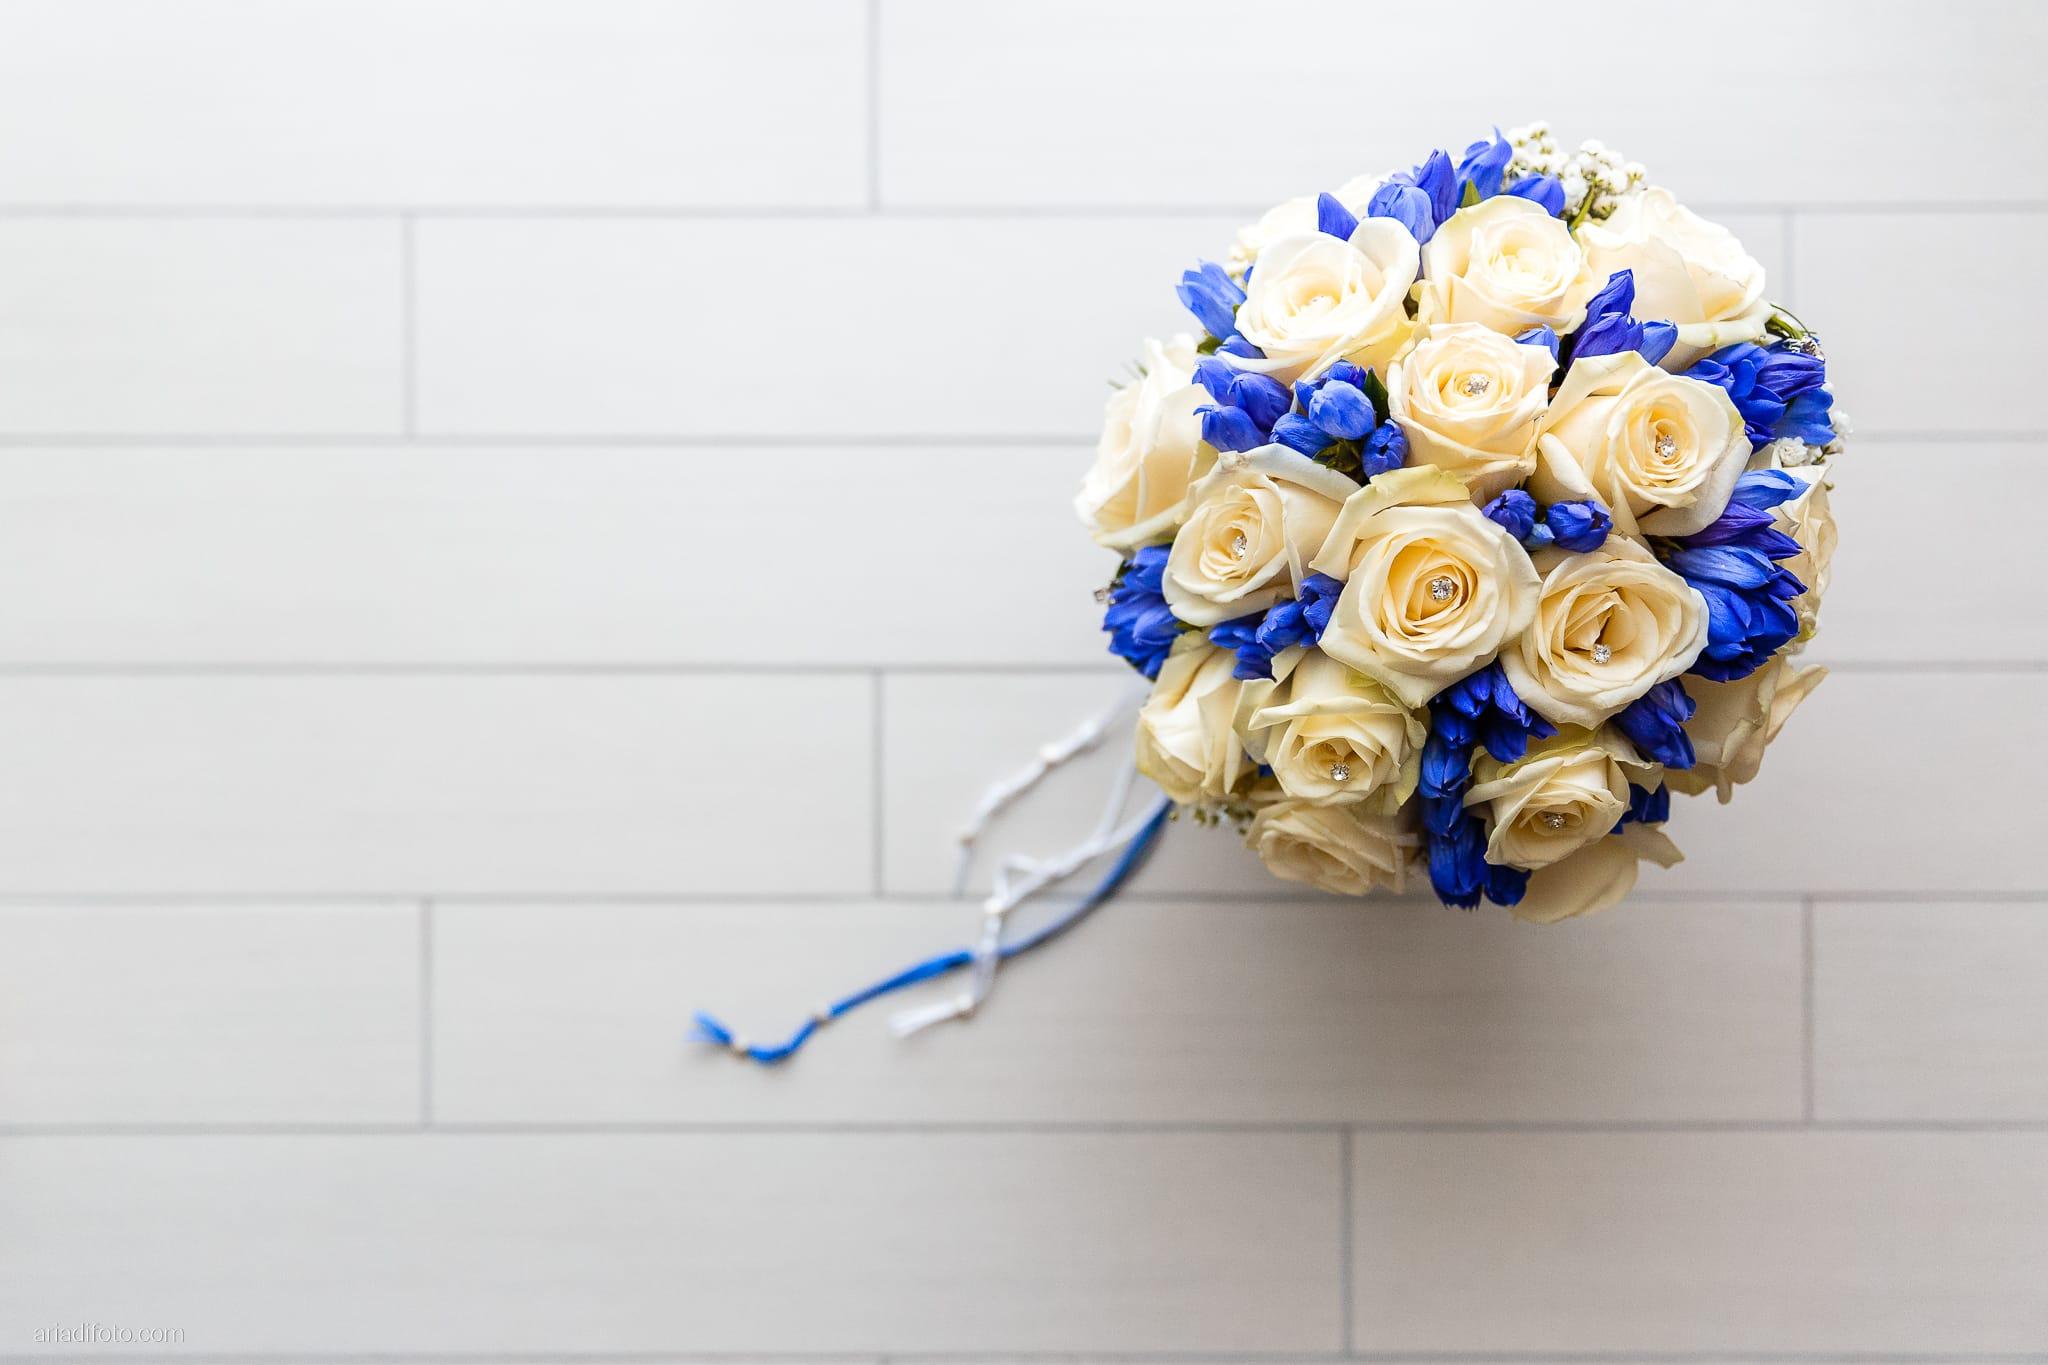 Rossella Stefano Matrimonio Muggia Mulin Koper Slovenia preparativi dettagli bouquet rose blu